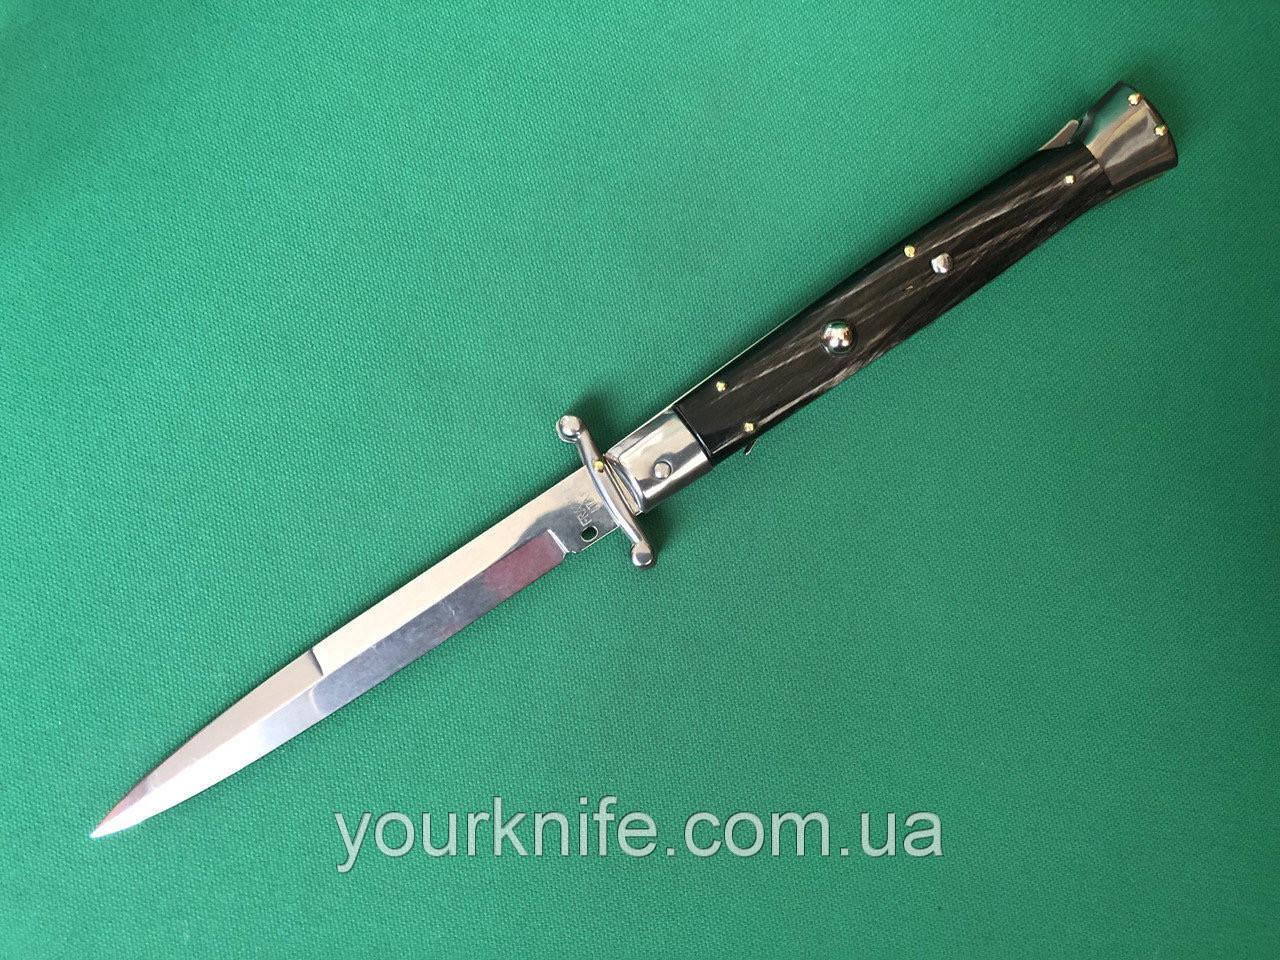 Нож Итальянский автоматический стилет Frank Beltrame Swinguard 28см рог буйвола bayonet